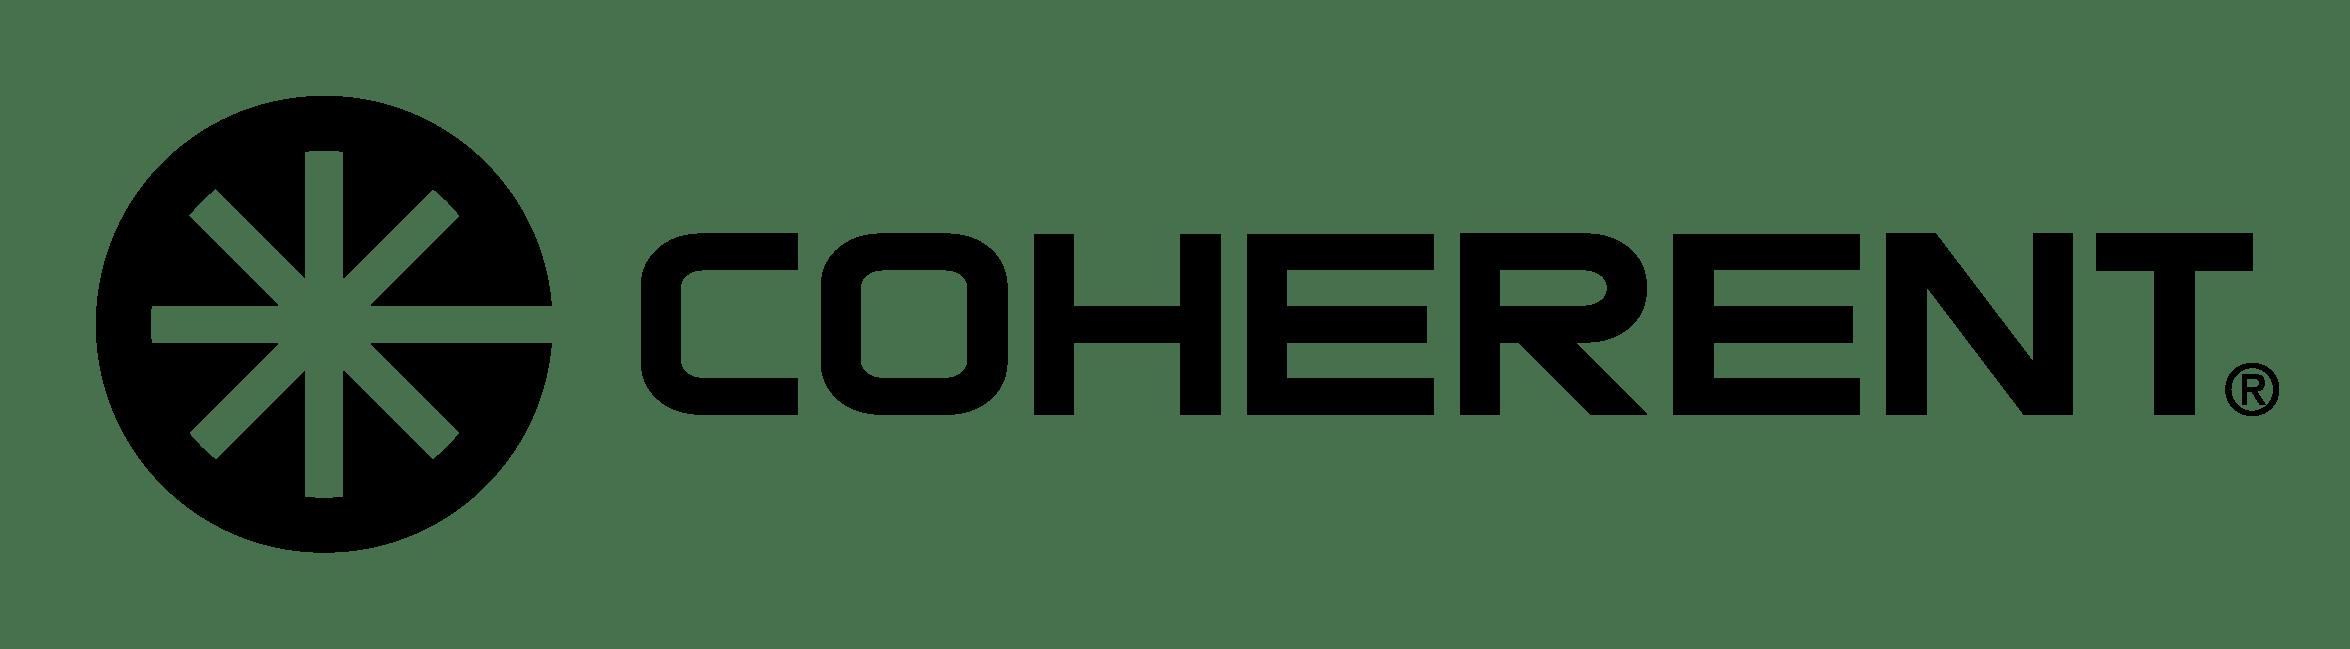 Coherent: Industrielaser für Laserschweißen, Laserschneiden, Laserbeschriftung, etc.